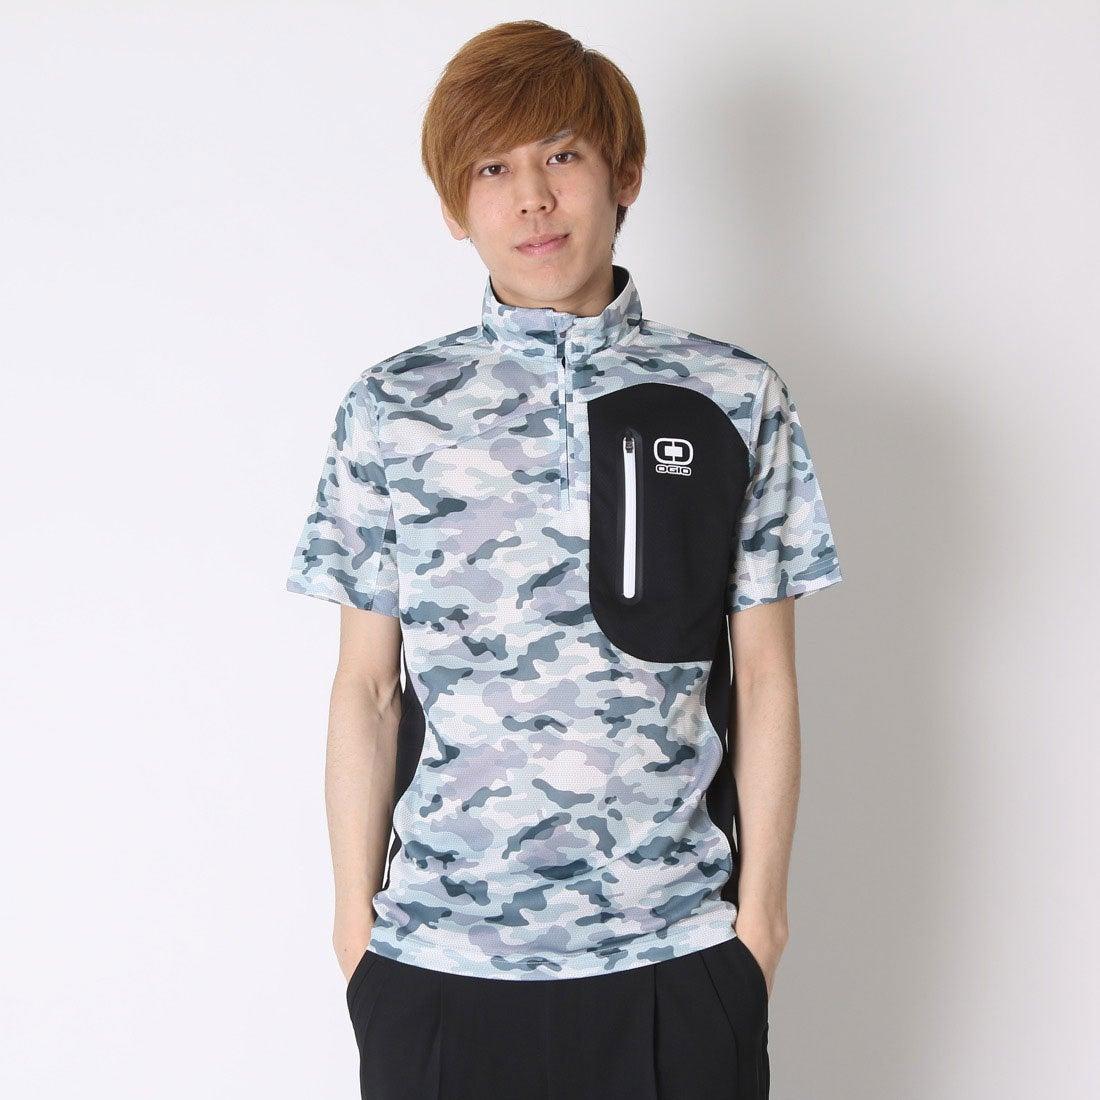 【SALE 58%OFF】【アウトレット】オジオ OGIO  ゴルフシャツ メンズ 半袖シャツ 766606 メンズ